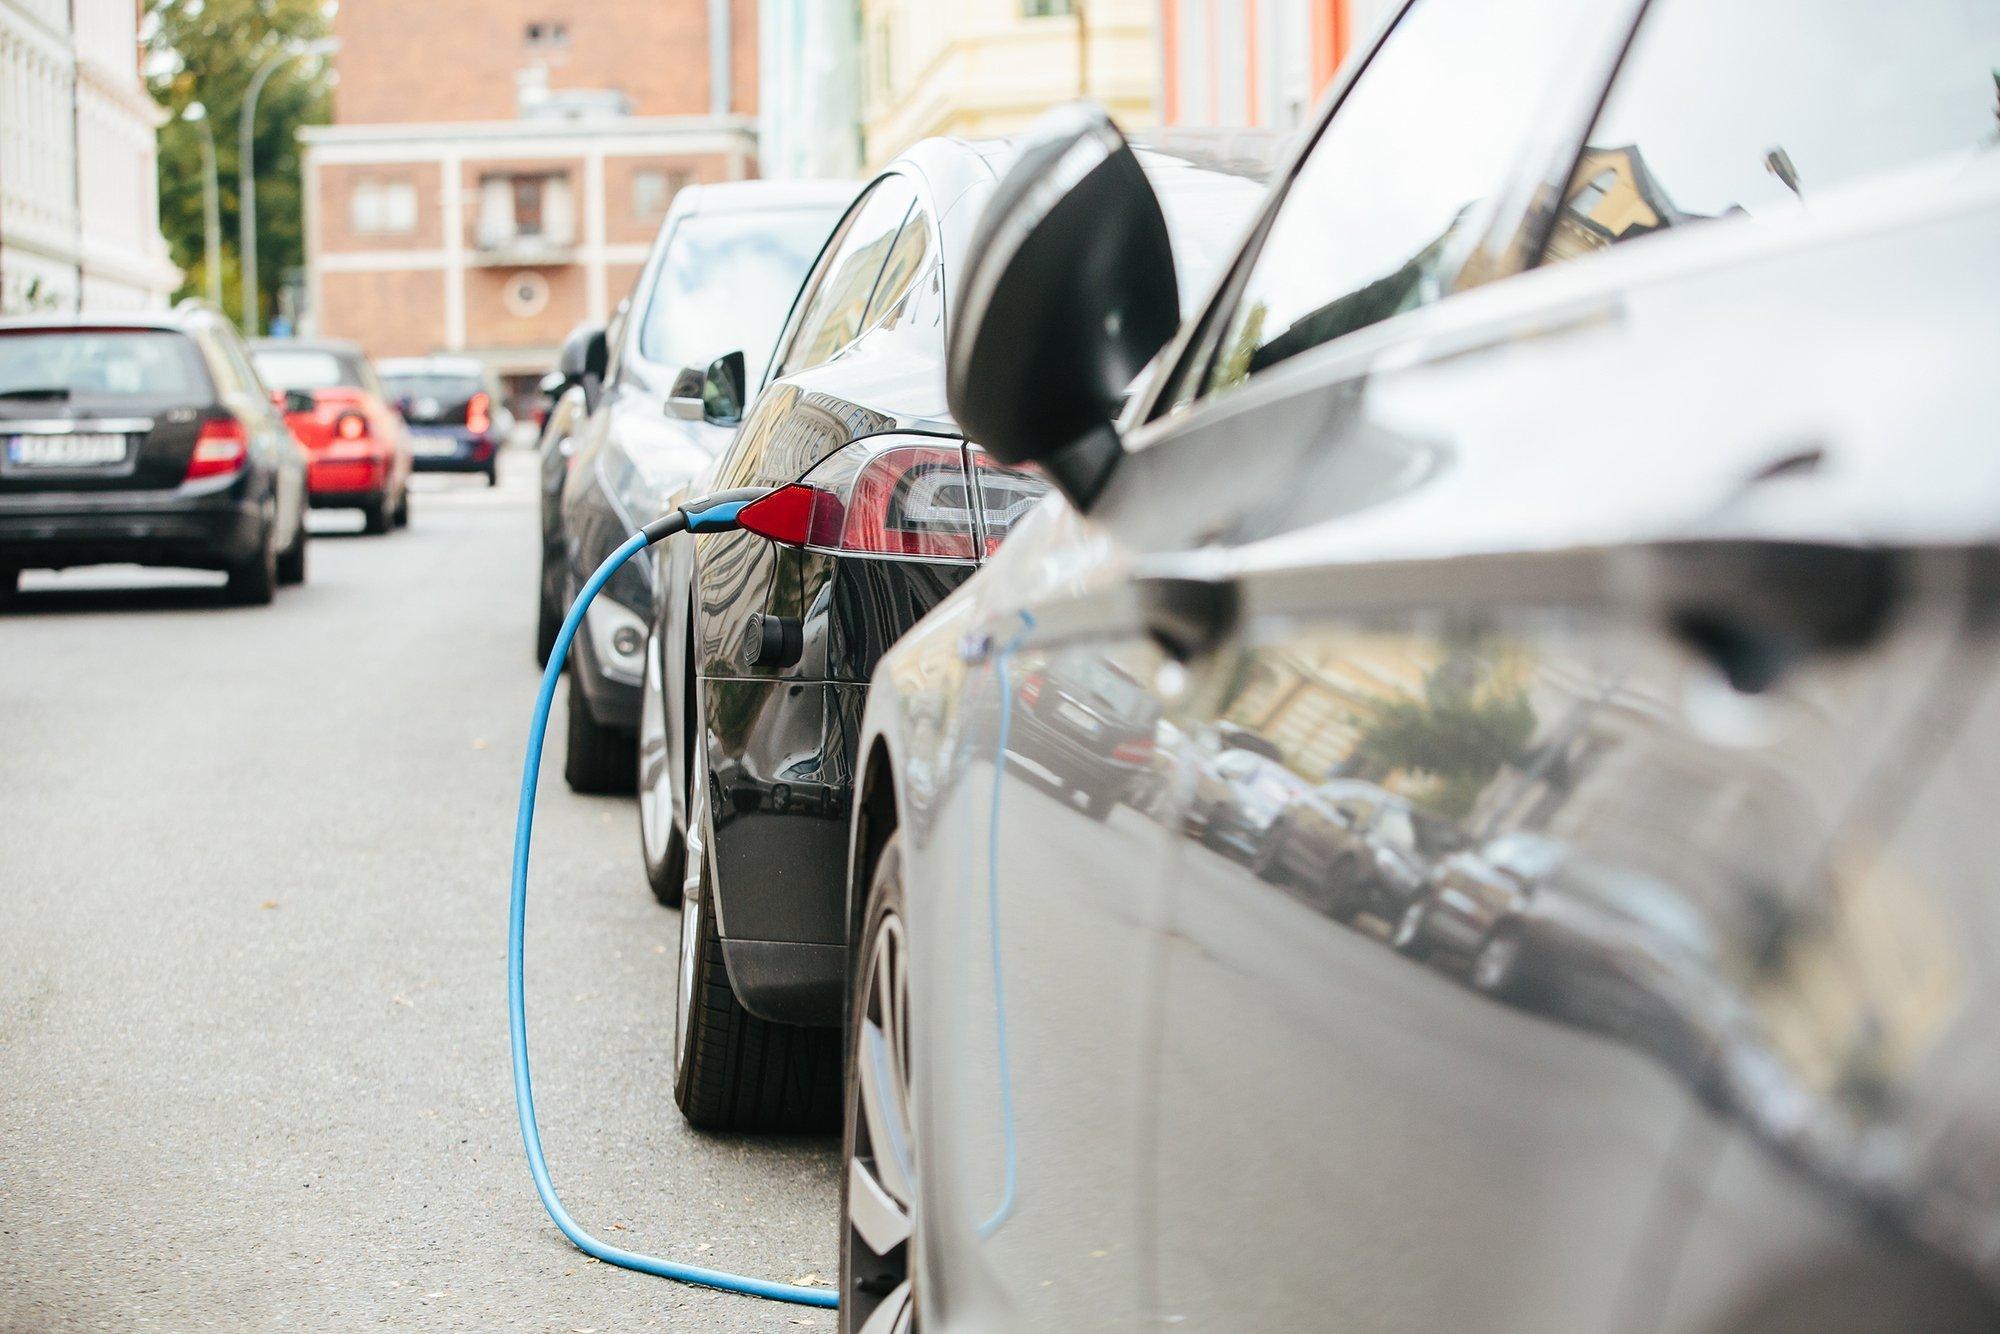 Das Bild zeigt eine Straße voll mit fahrenden und parkenden Autos, von denen eines ein Elektroauto ist und am Straßenrand mit einem Stromkabel neu aufgeladen wird.